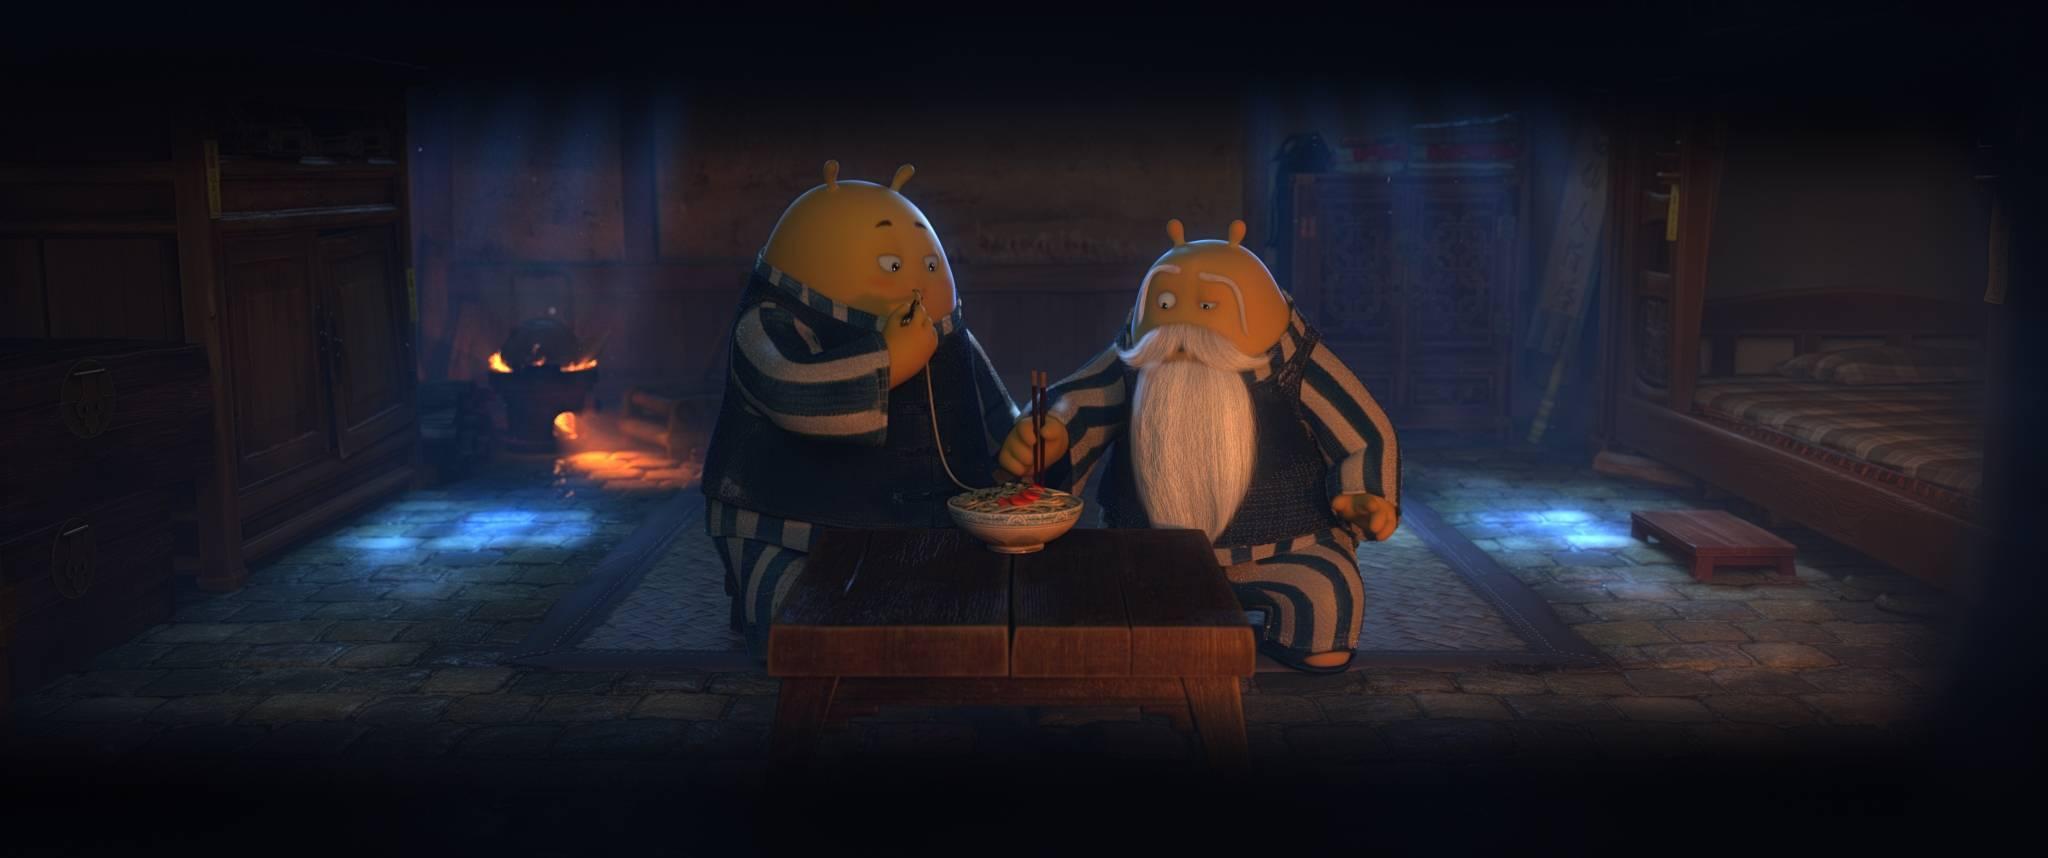 В российской версии китайского мультфильма «Кунг-фу воин» героя по имени Тофу назвали Дошиком